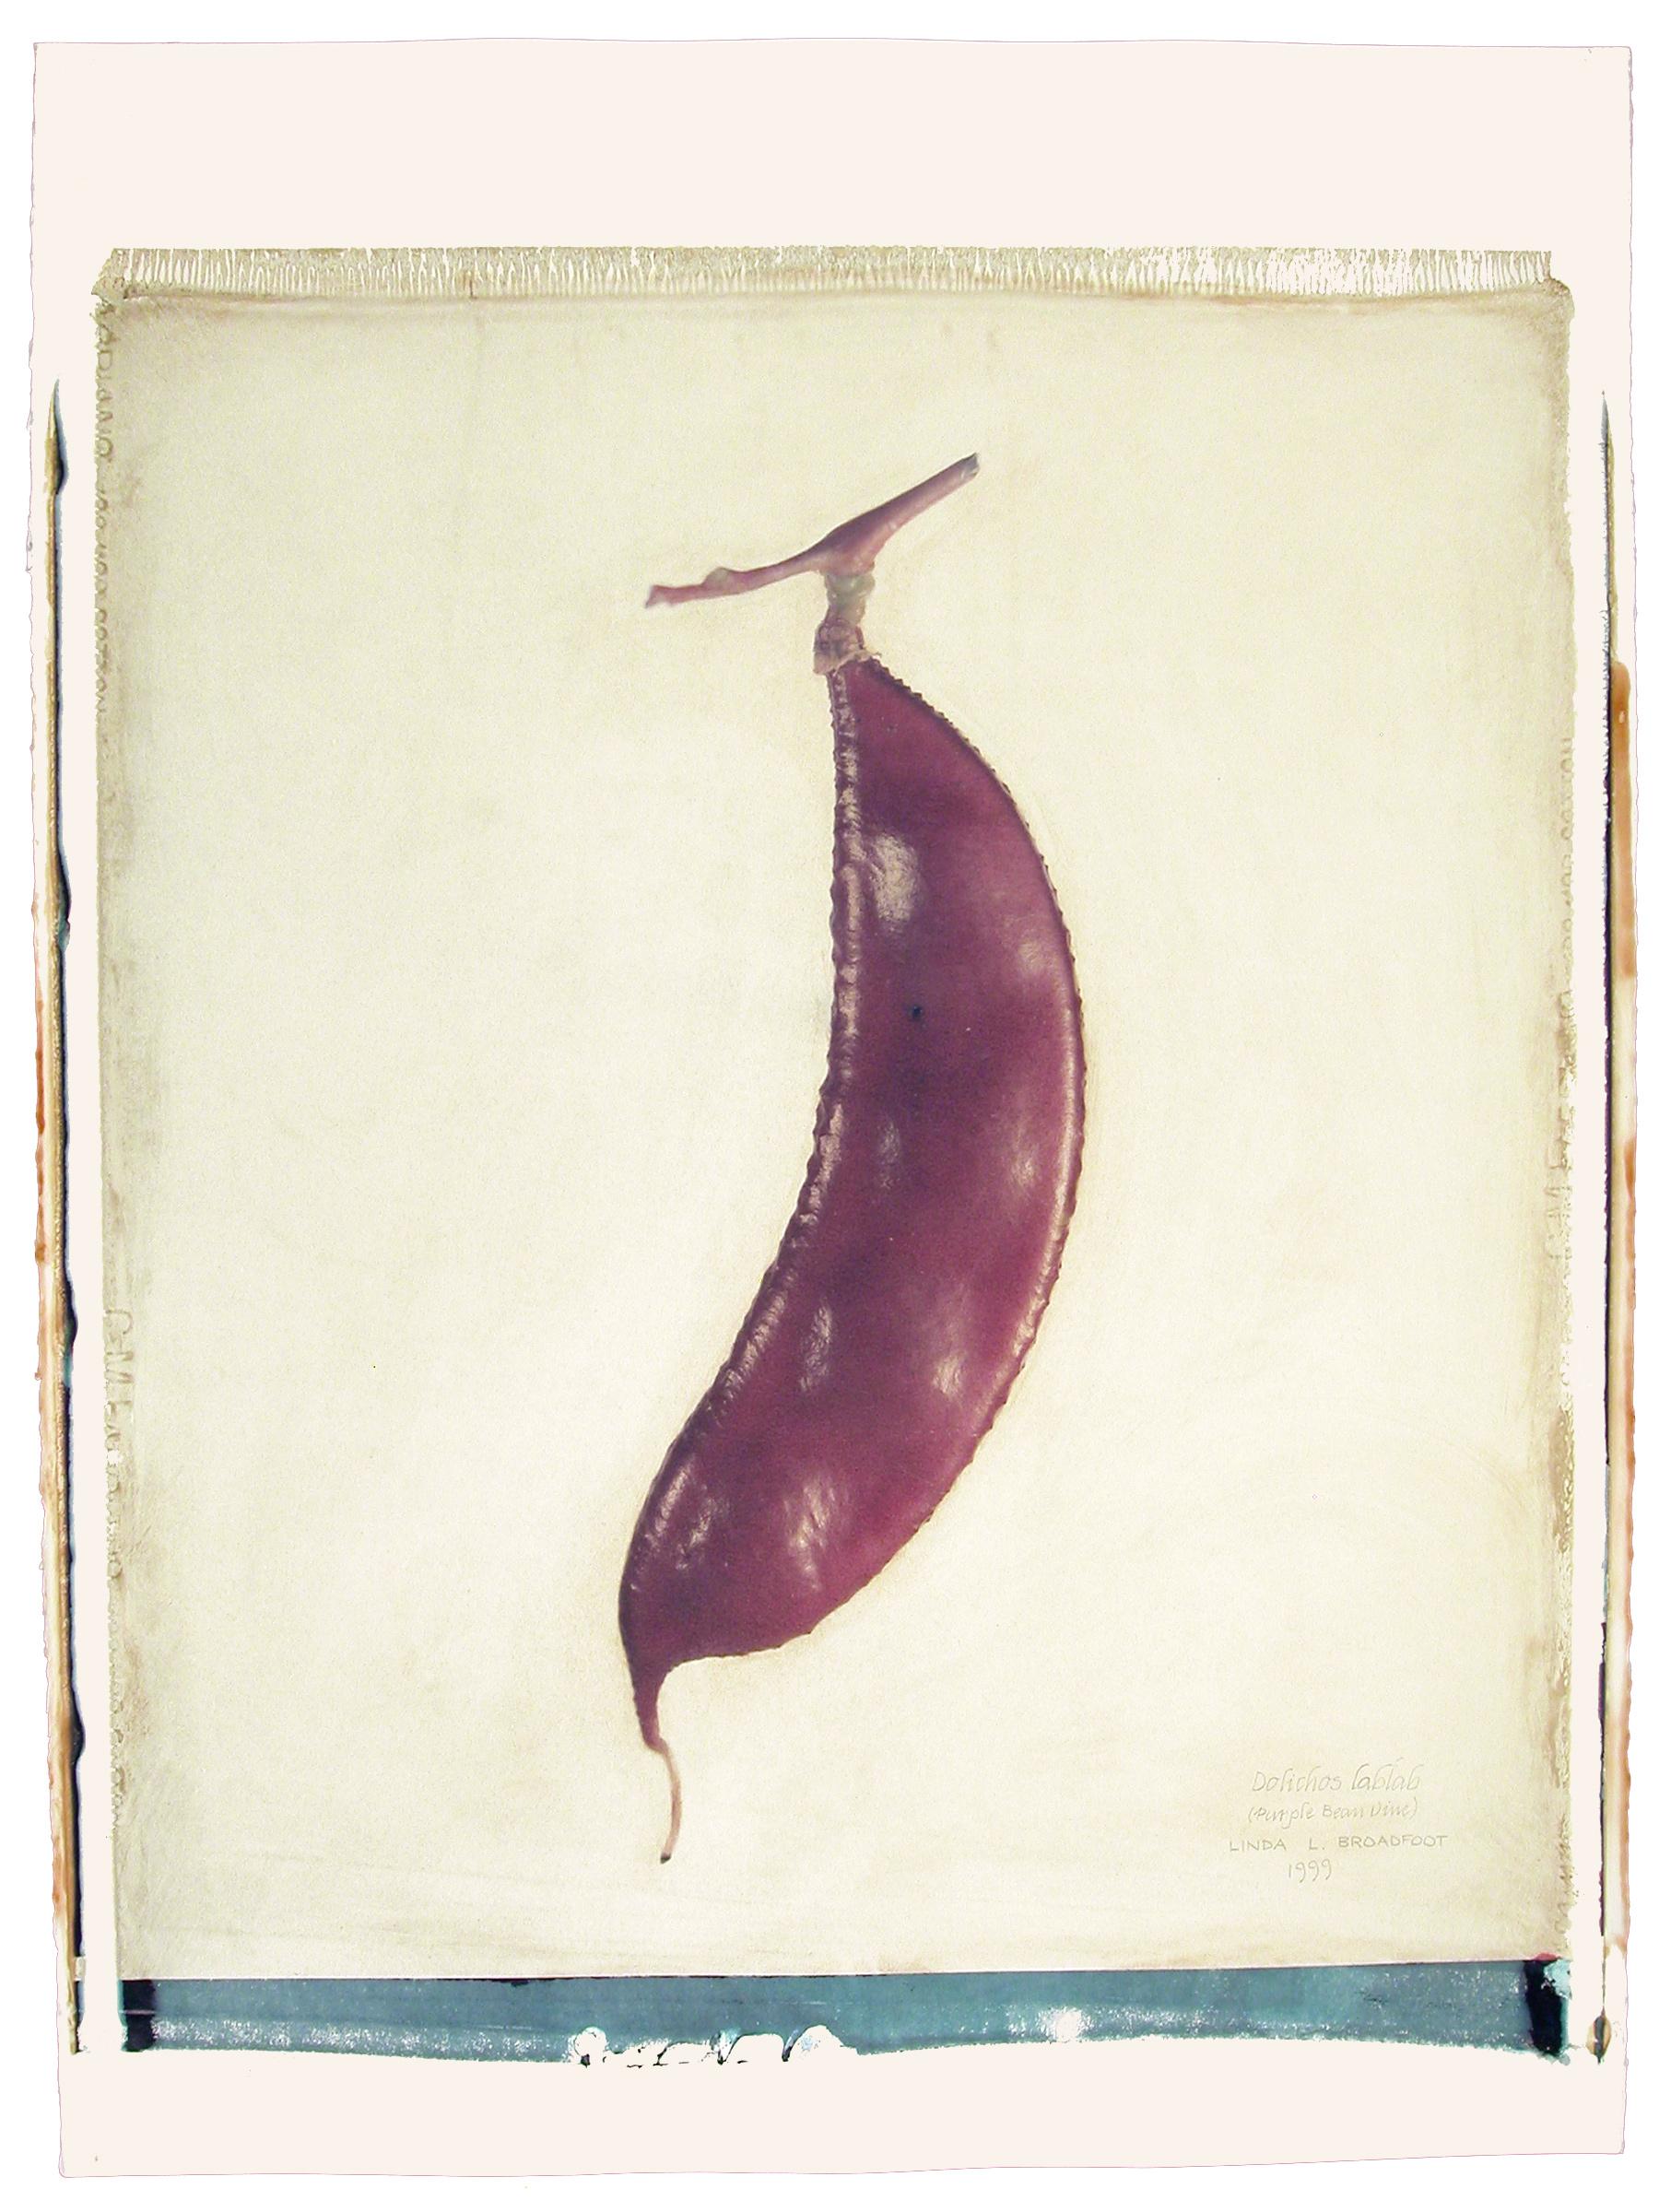 Dolichos lablab  (Purple Bean Vine), 1999